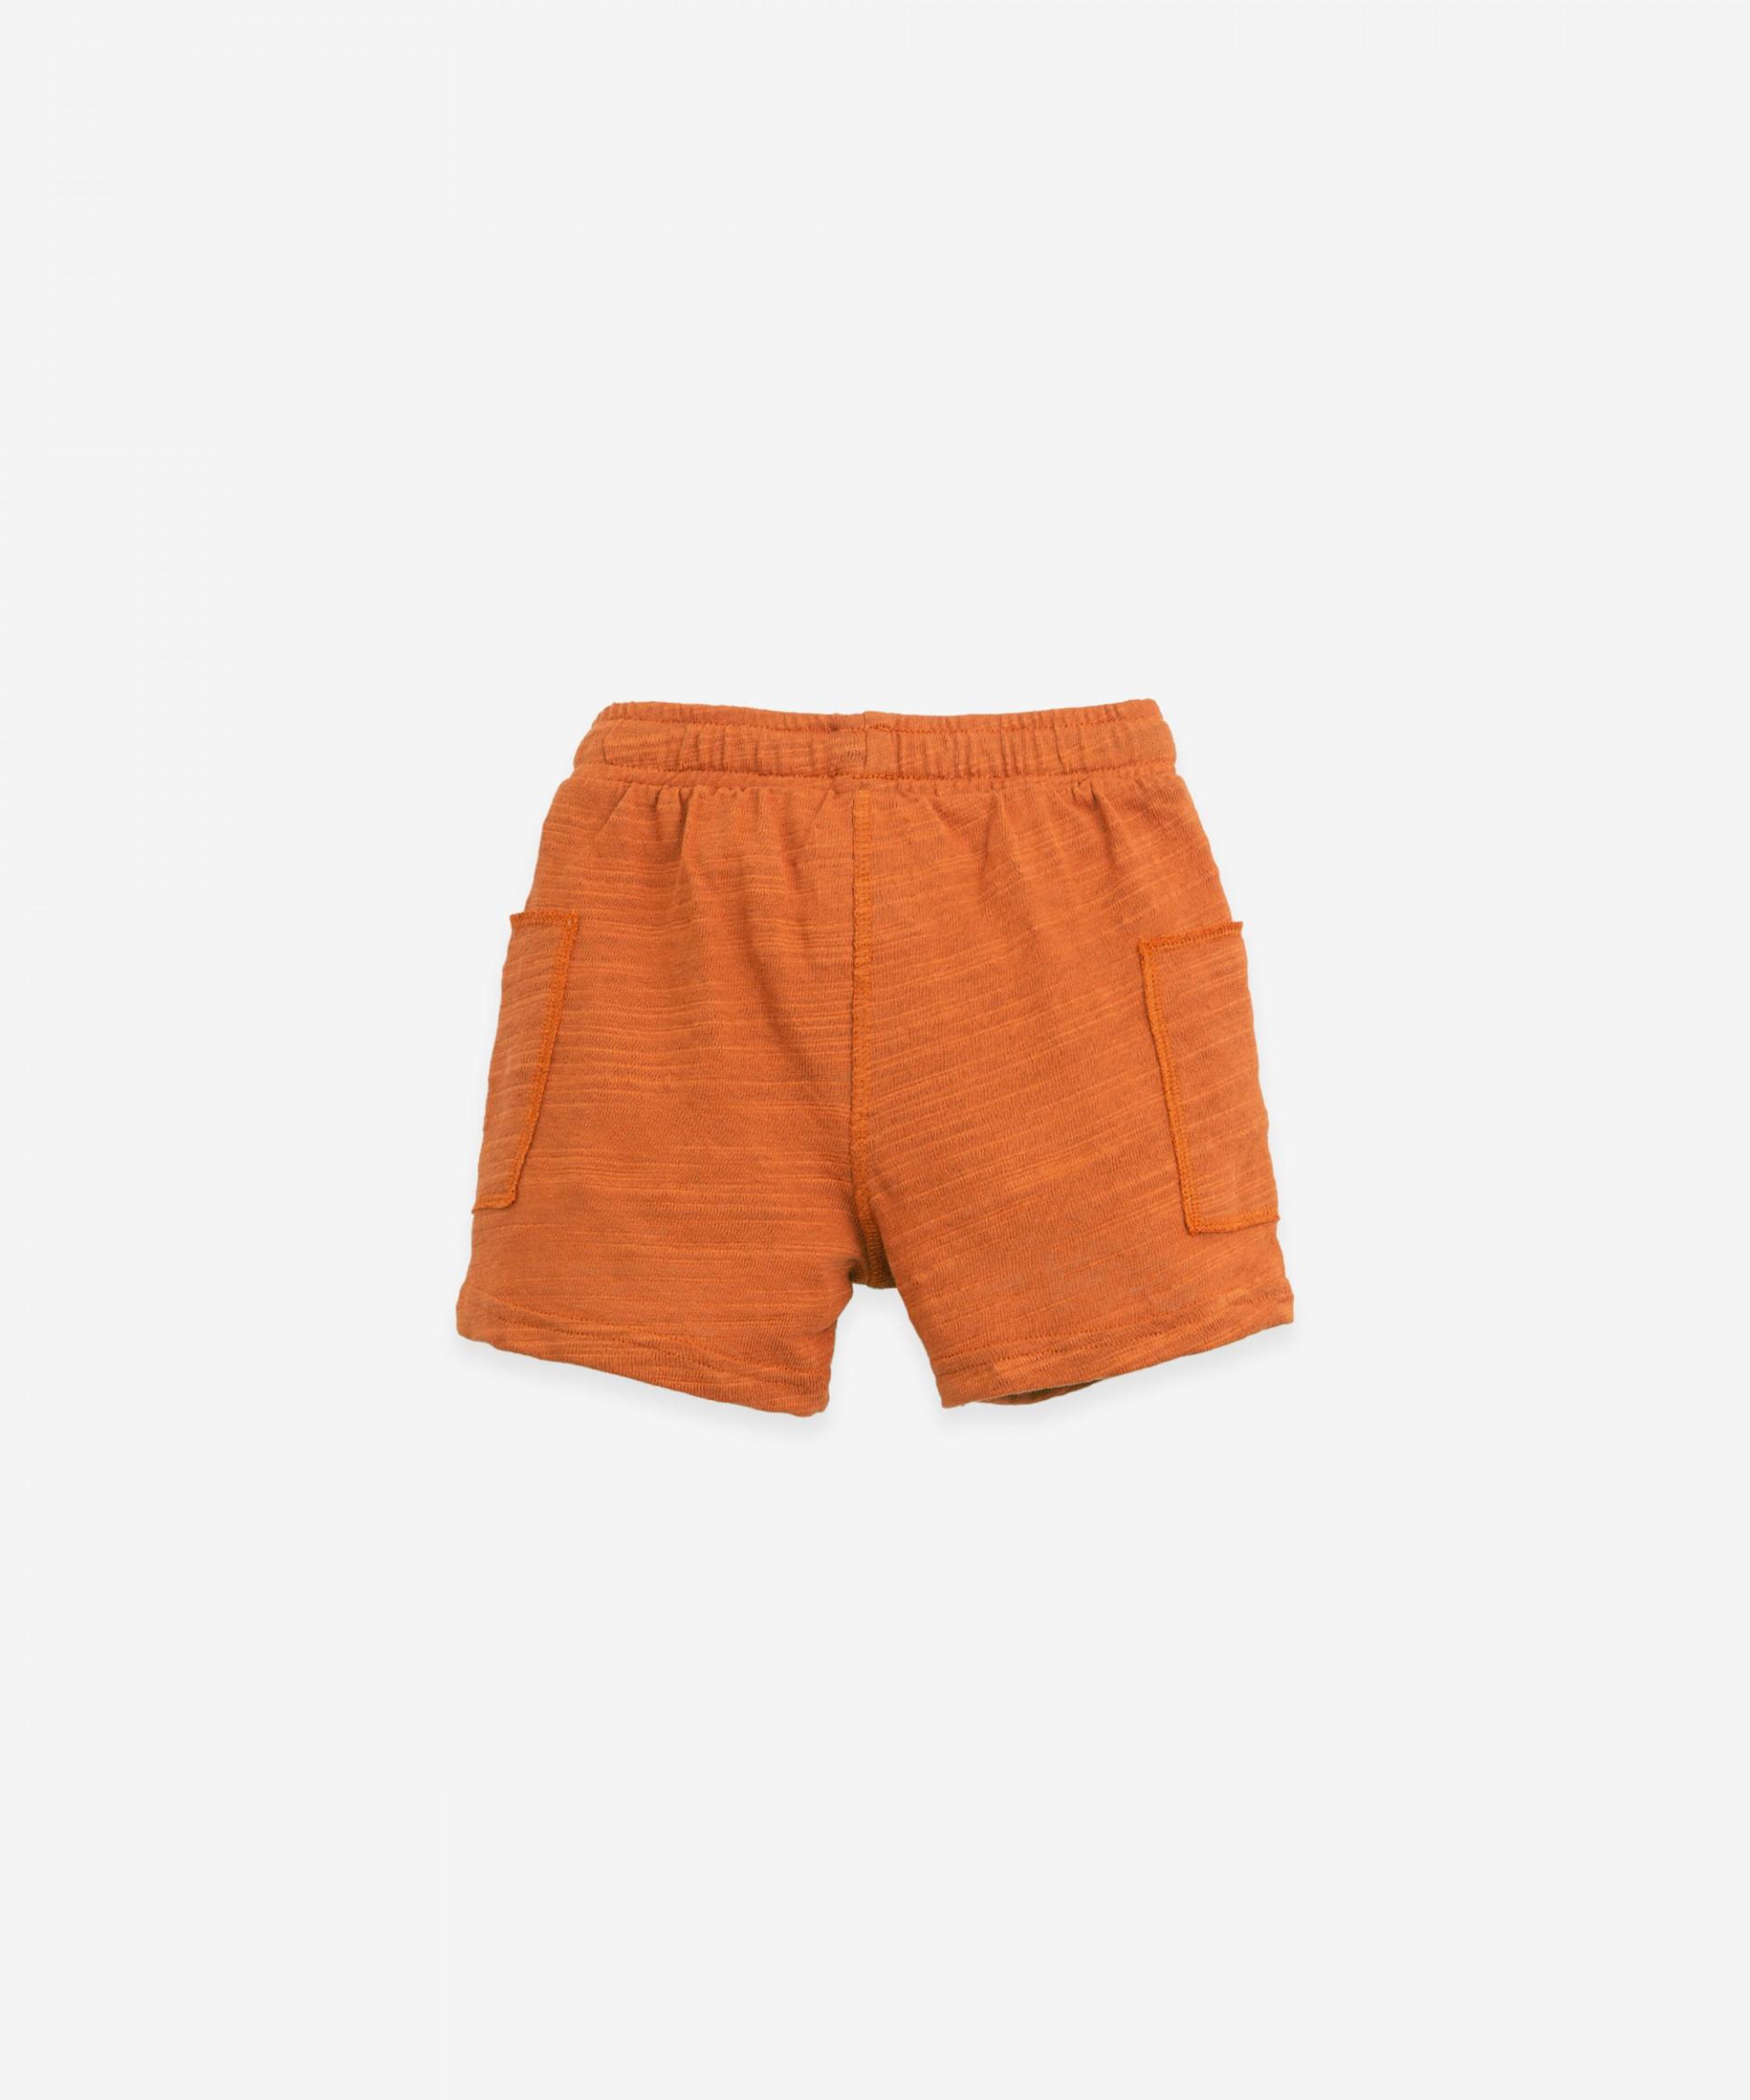 Organic cotton shorts | Botany